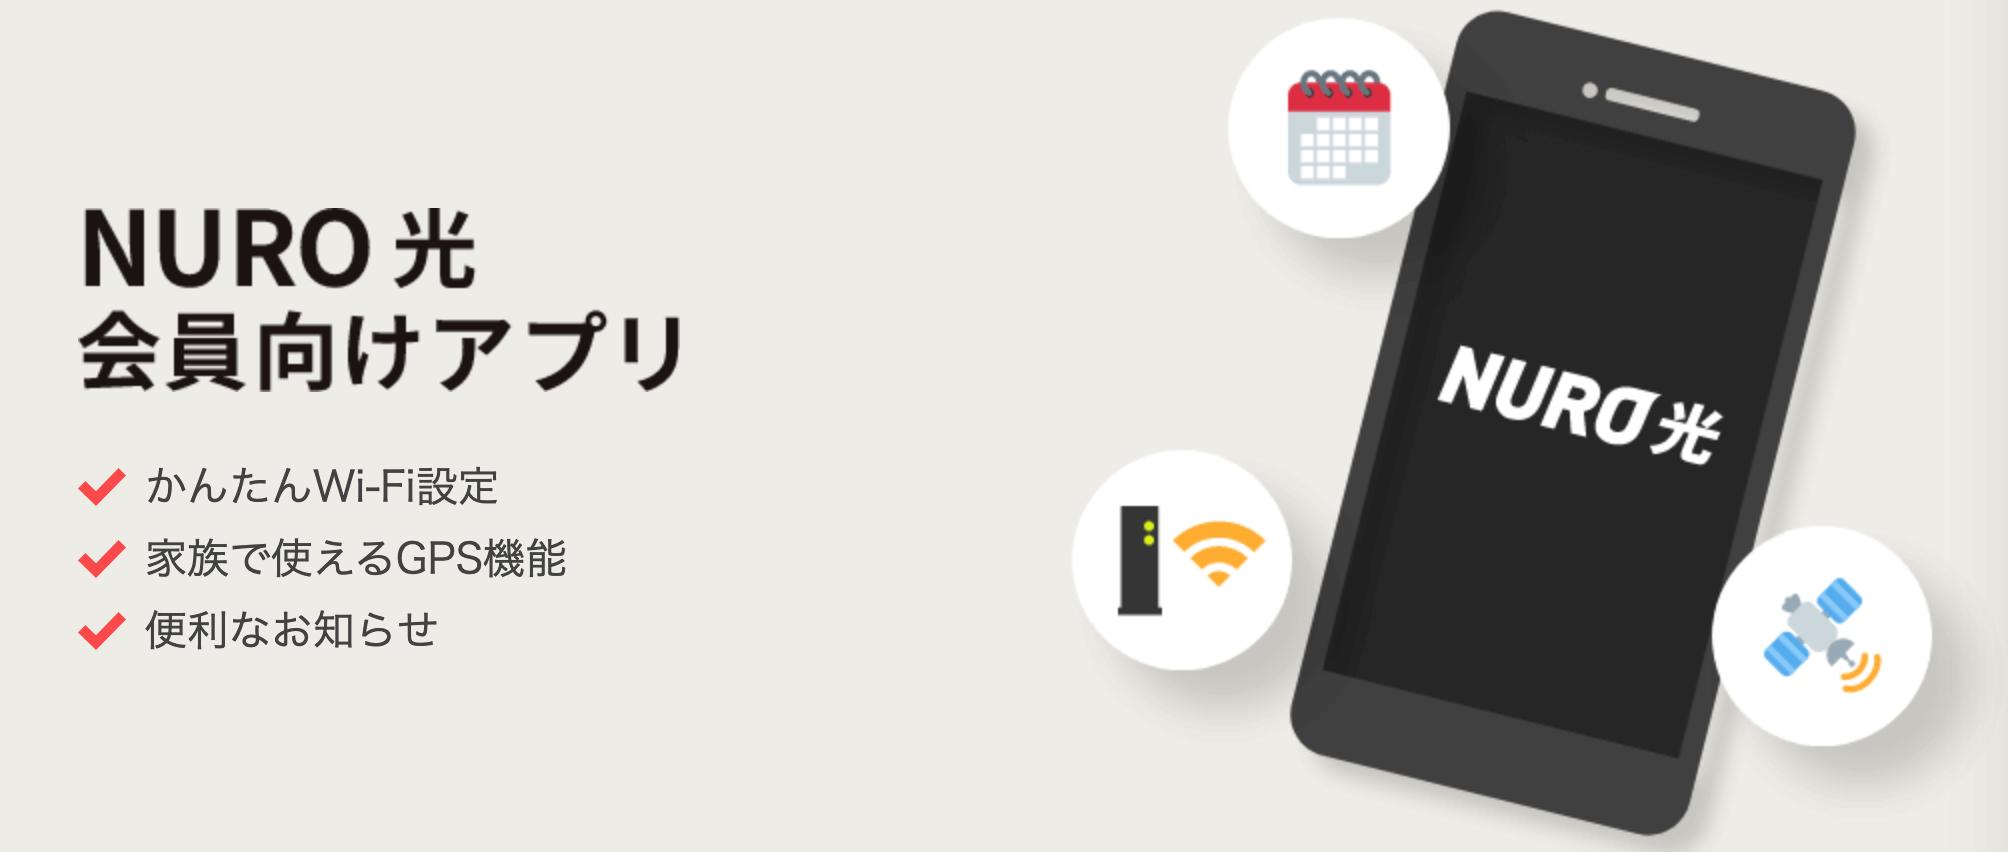 NURO光 アプリ